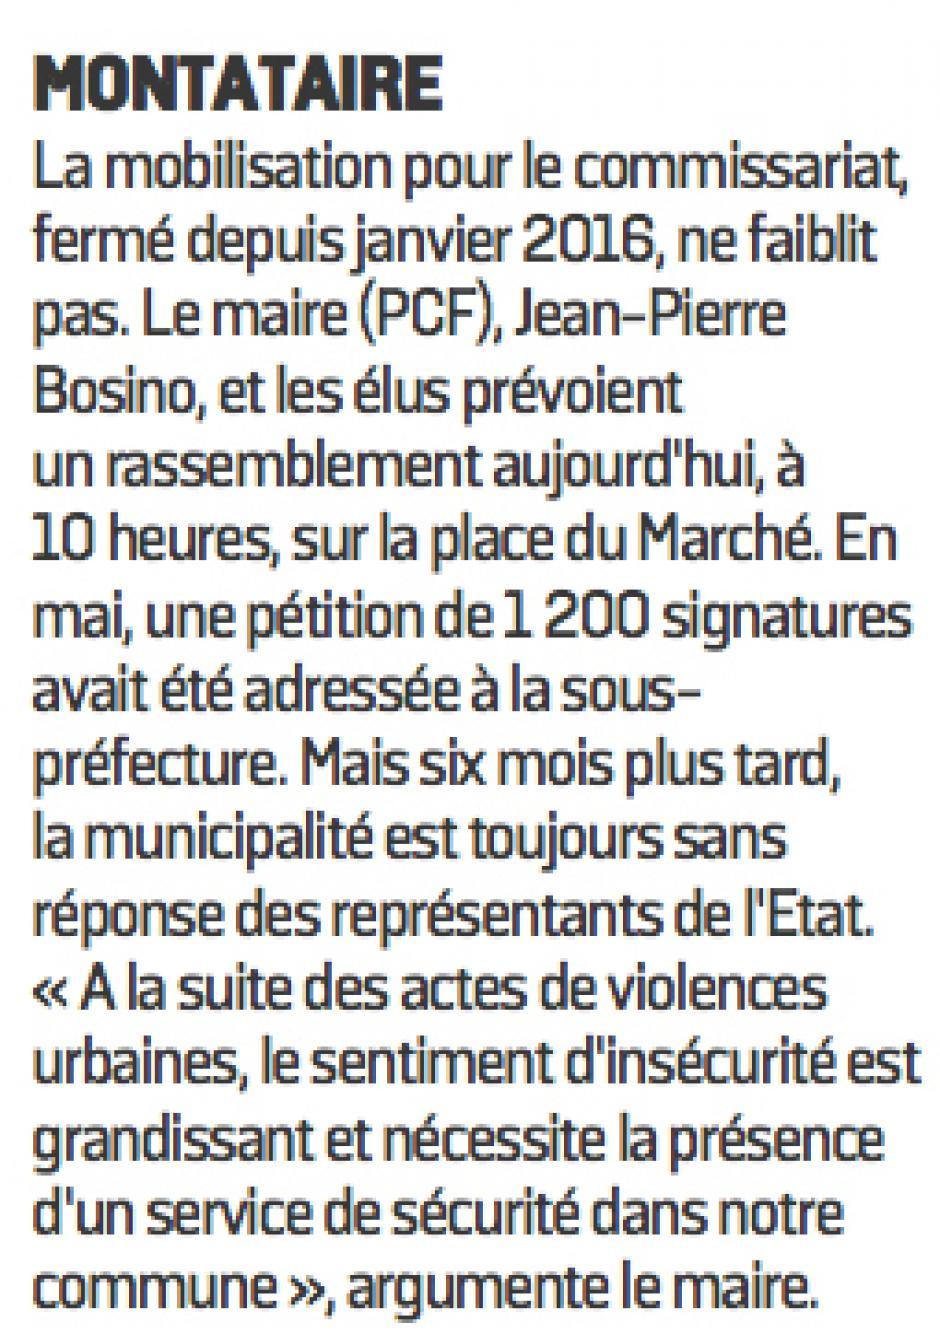 20171126-LeP-Montataire-La mobilisation pour le commissariat ne faiblit pas